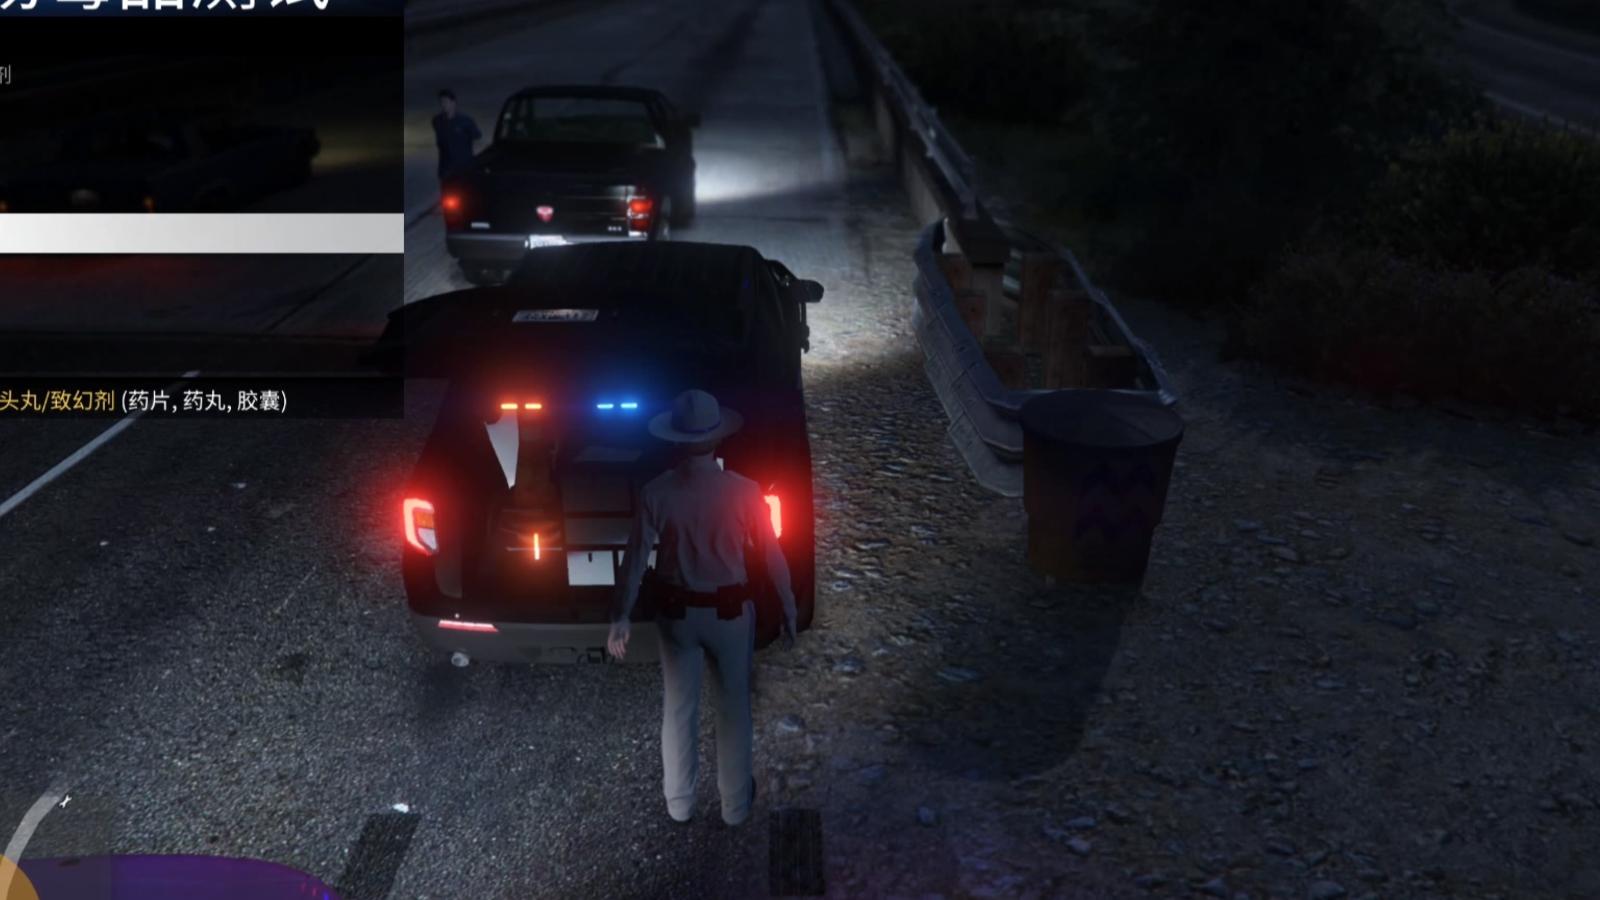 【LSPD】我才是路怒症老司机